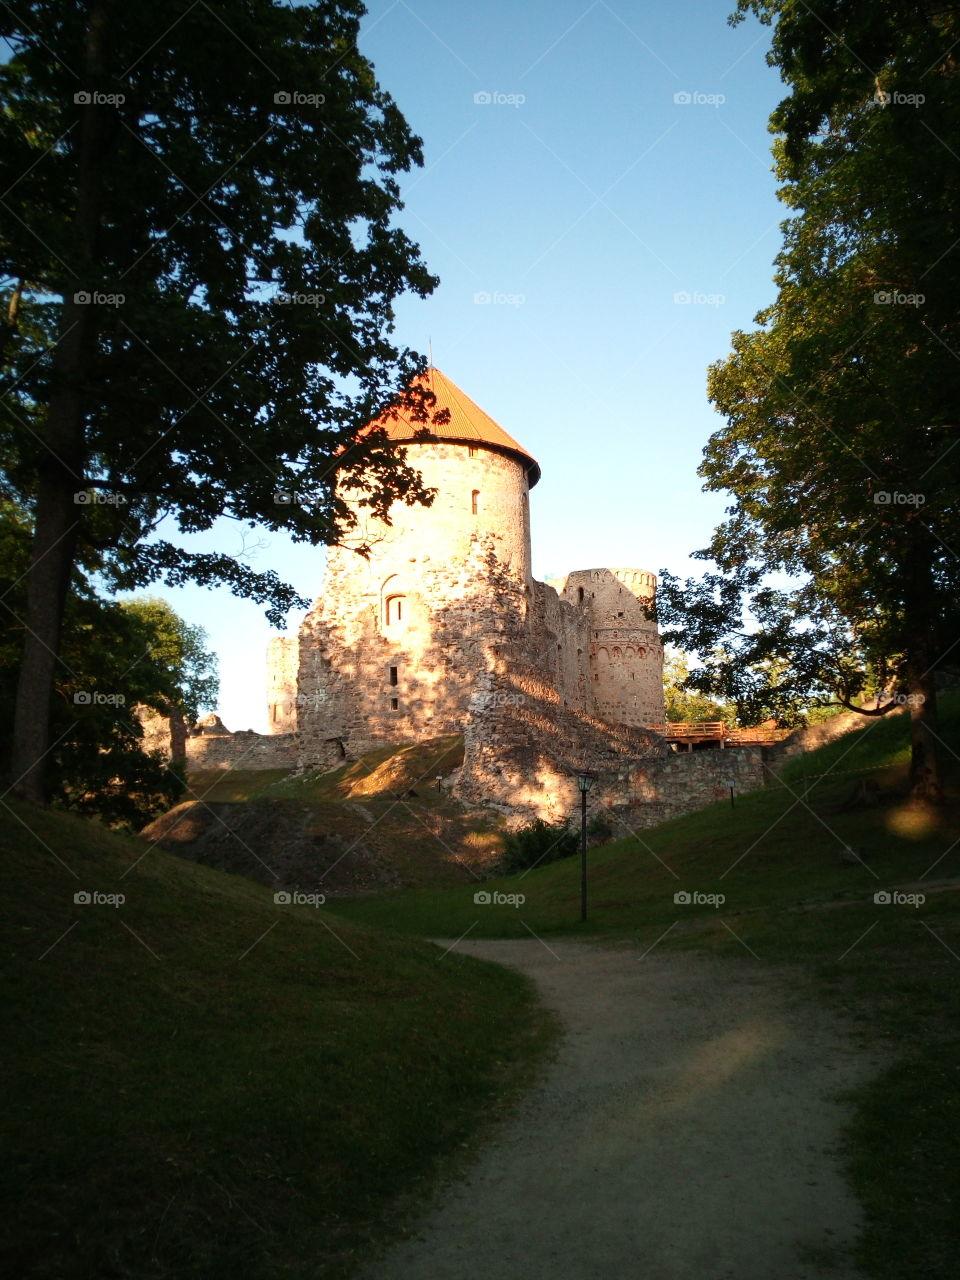 Cesis,Latvia